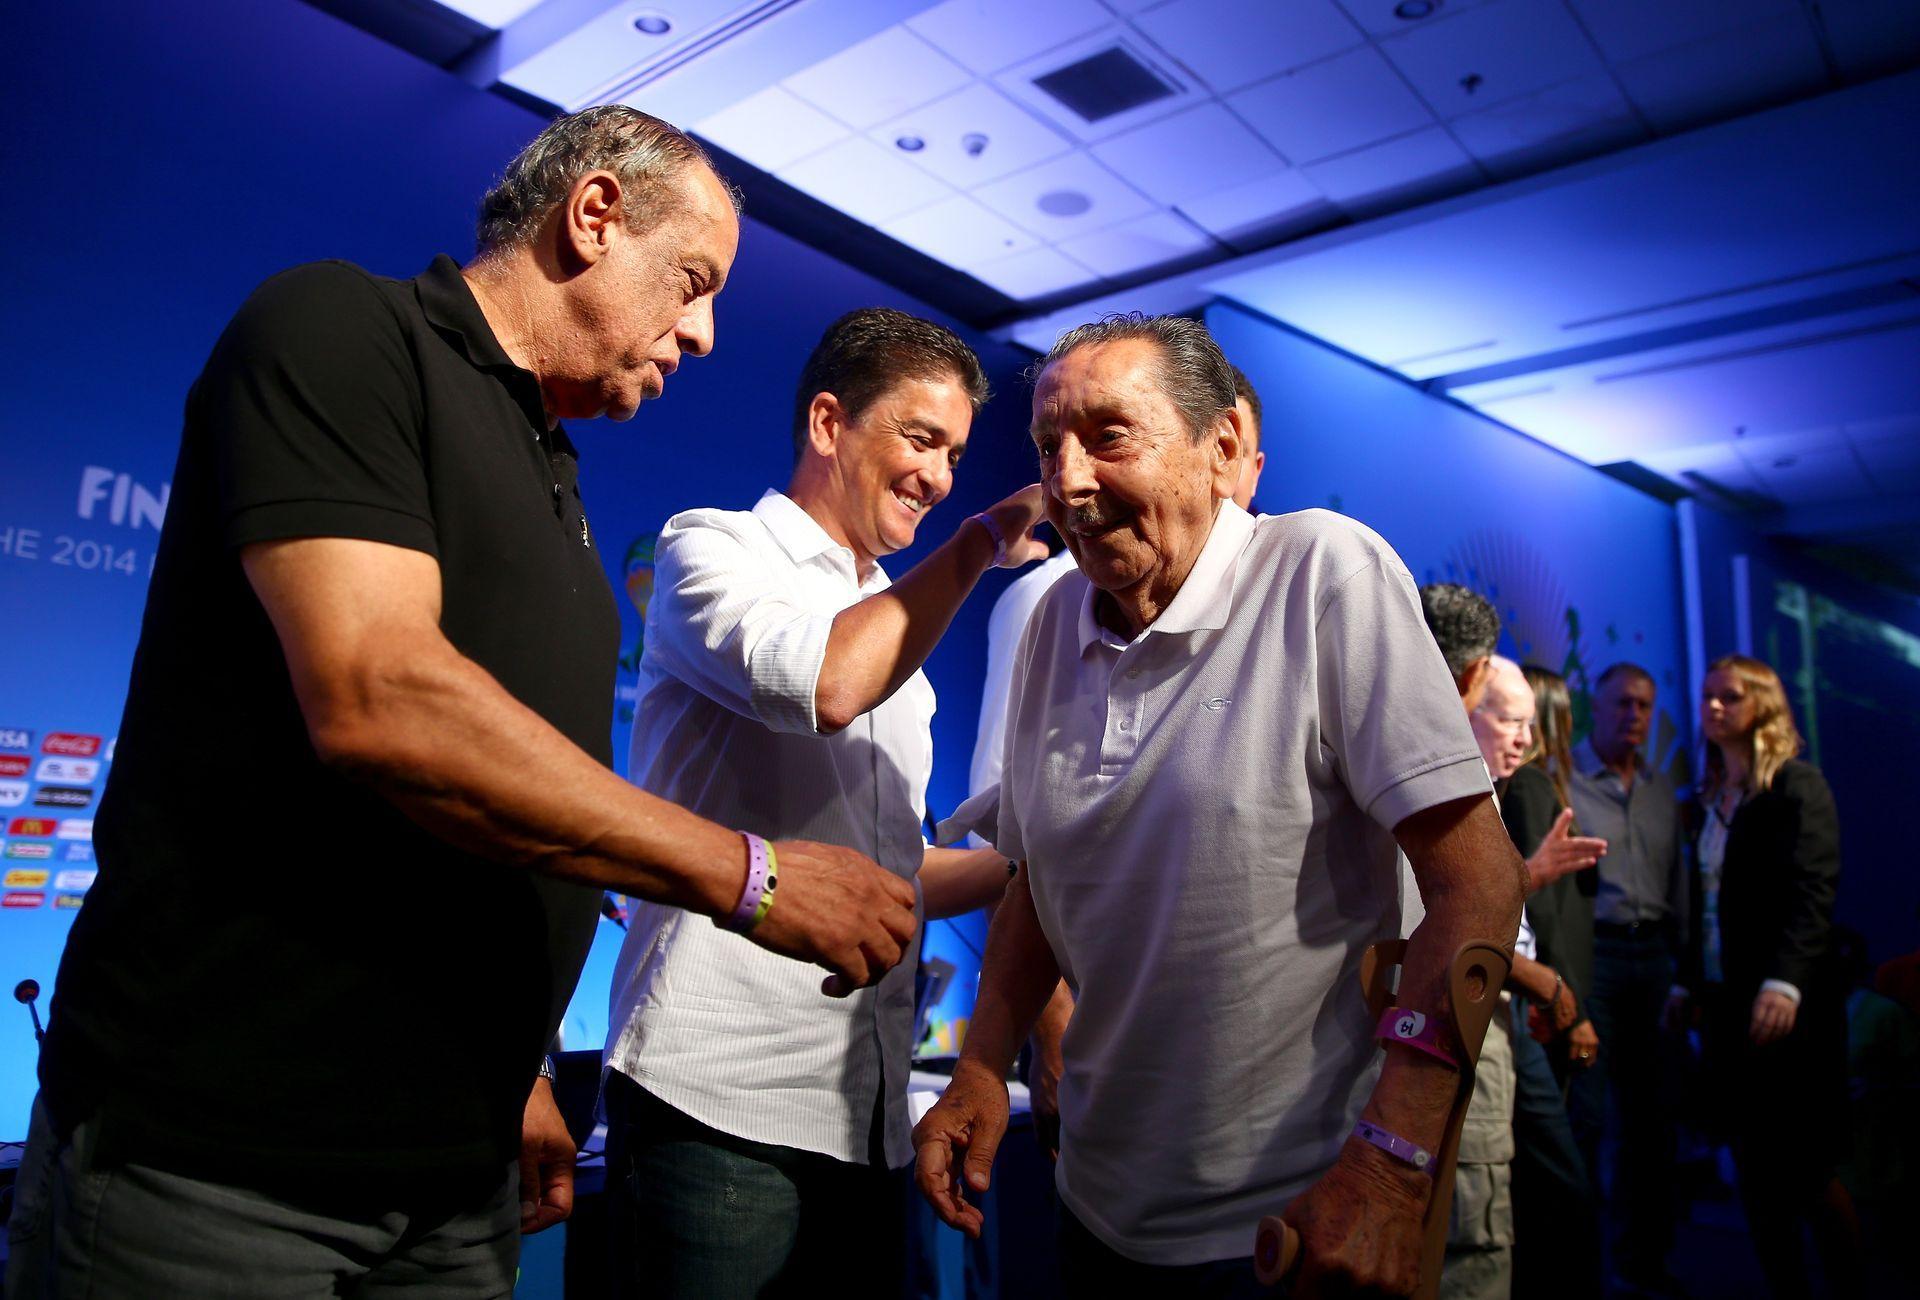 2013 г. - Гиджиа е поздравяван от бразилските легенди Карлос Алберто и Бебето на церемония в Рио. Година и половина по-късно почина в родината си.